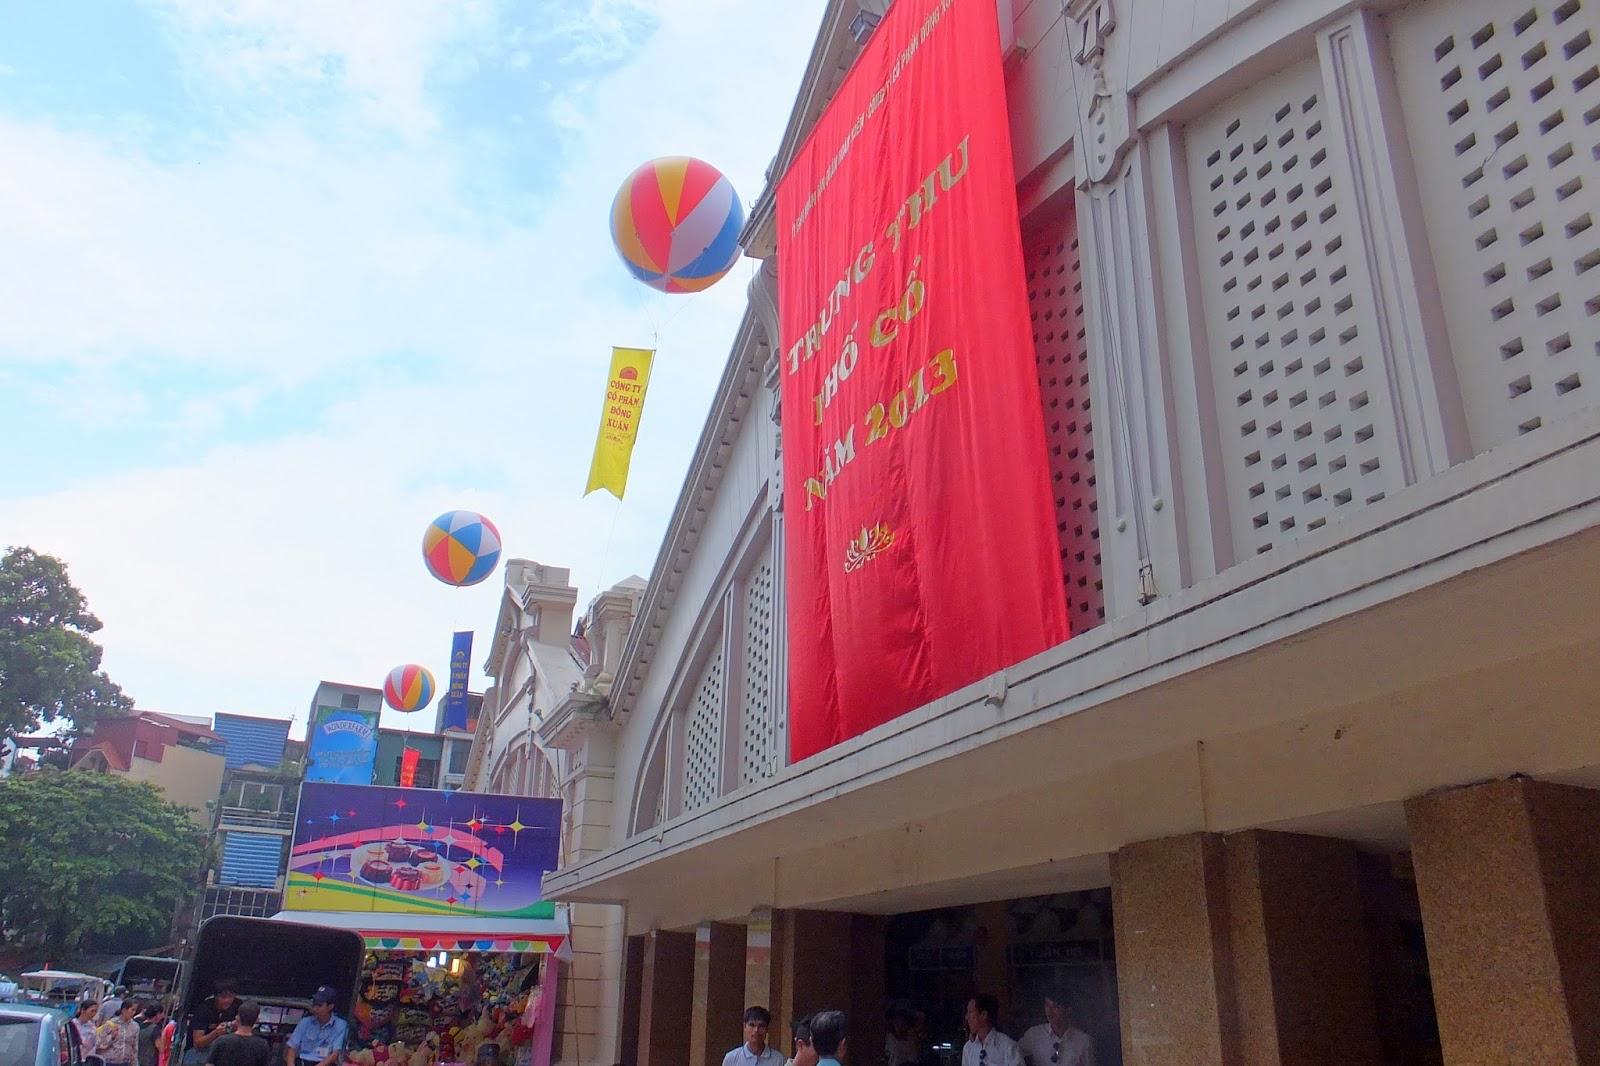 dong-xuan-market-entrance ドンスンアン市場入口